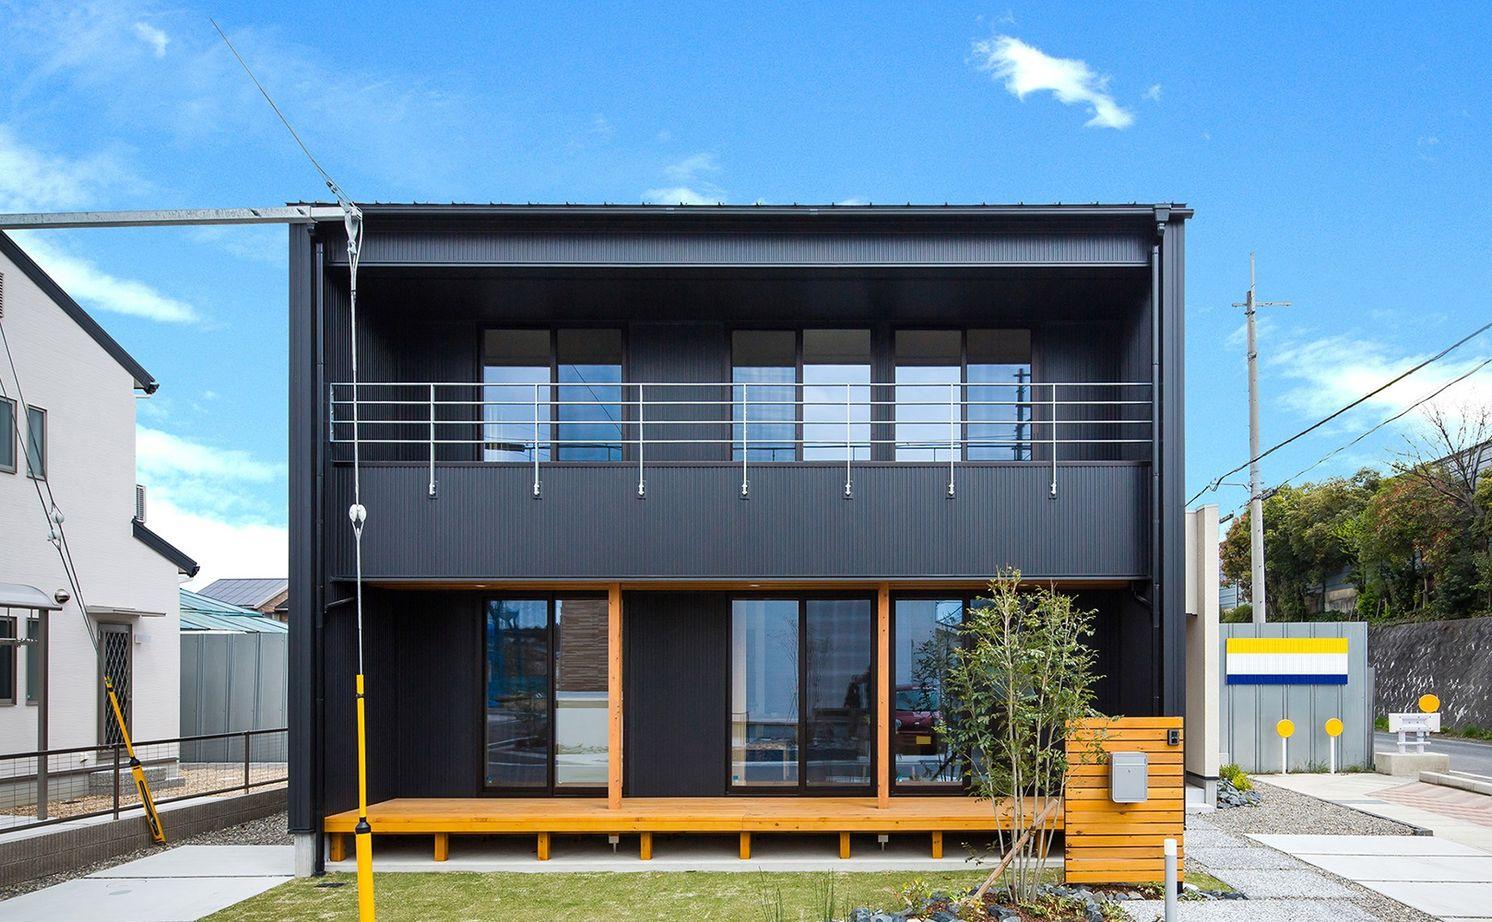 【1845万円】黒ガルバと塗り壁の大人かわいい家。「あっ、暮らし良い!」家事ラクの動線プラン画像1